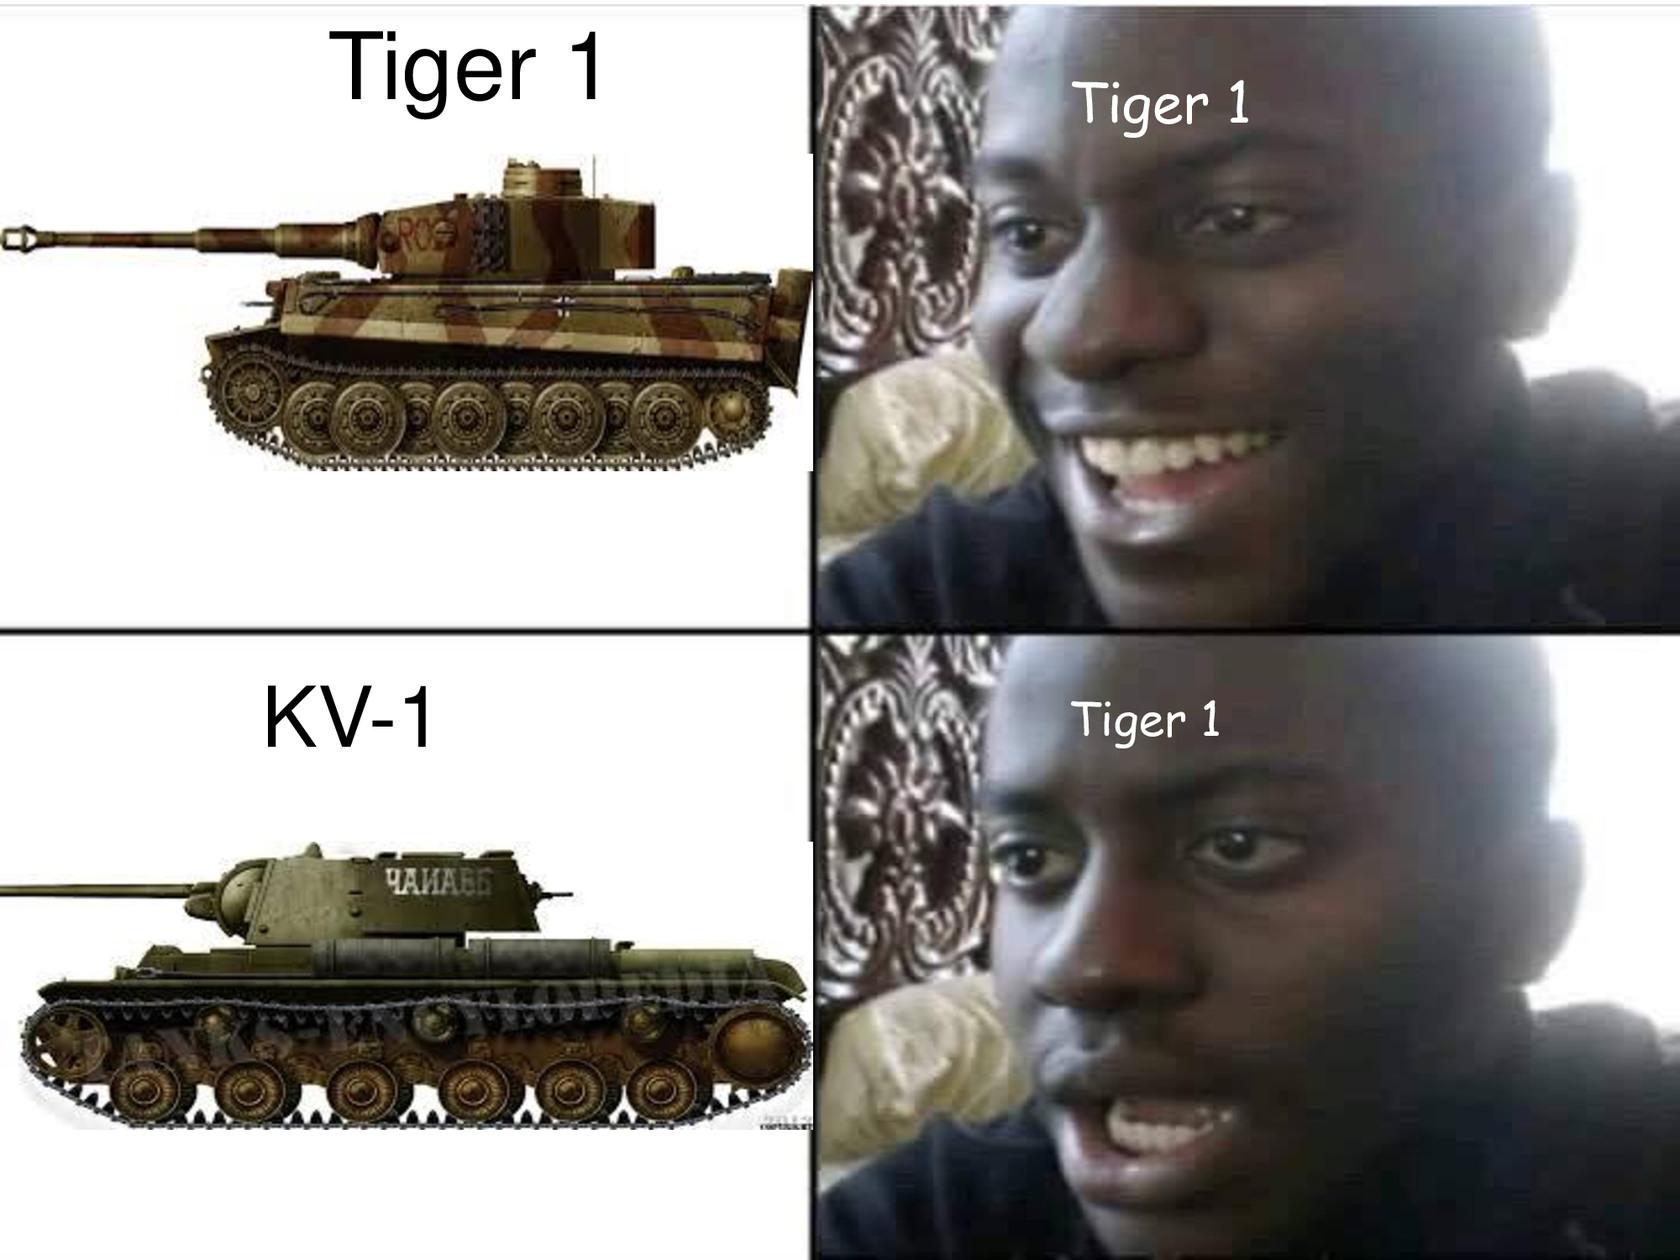 un digno rival - meme